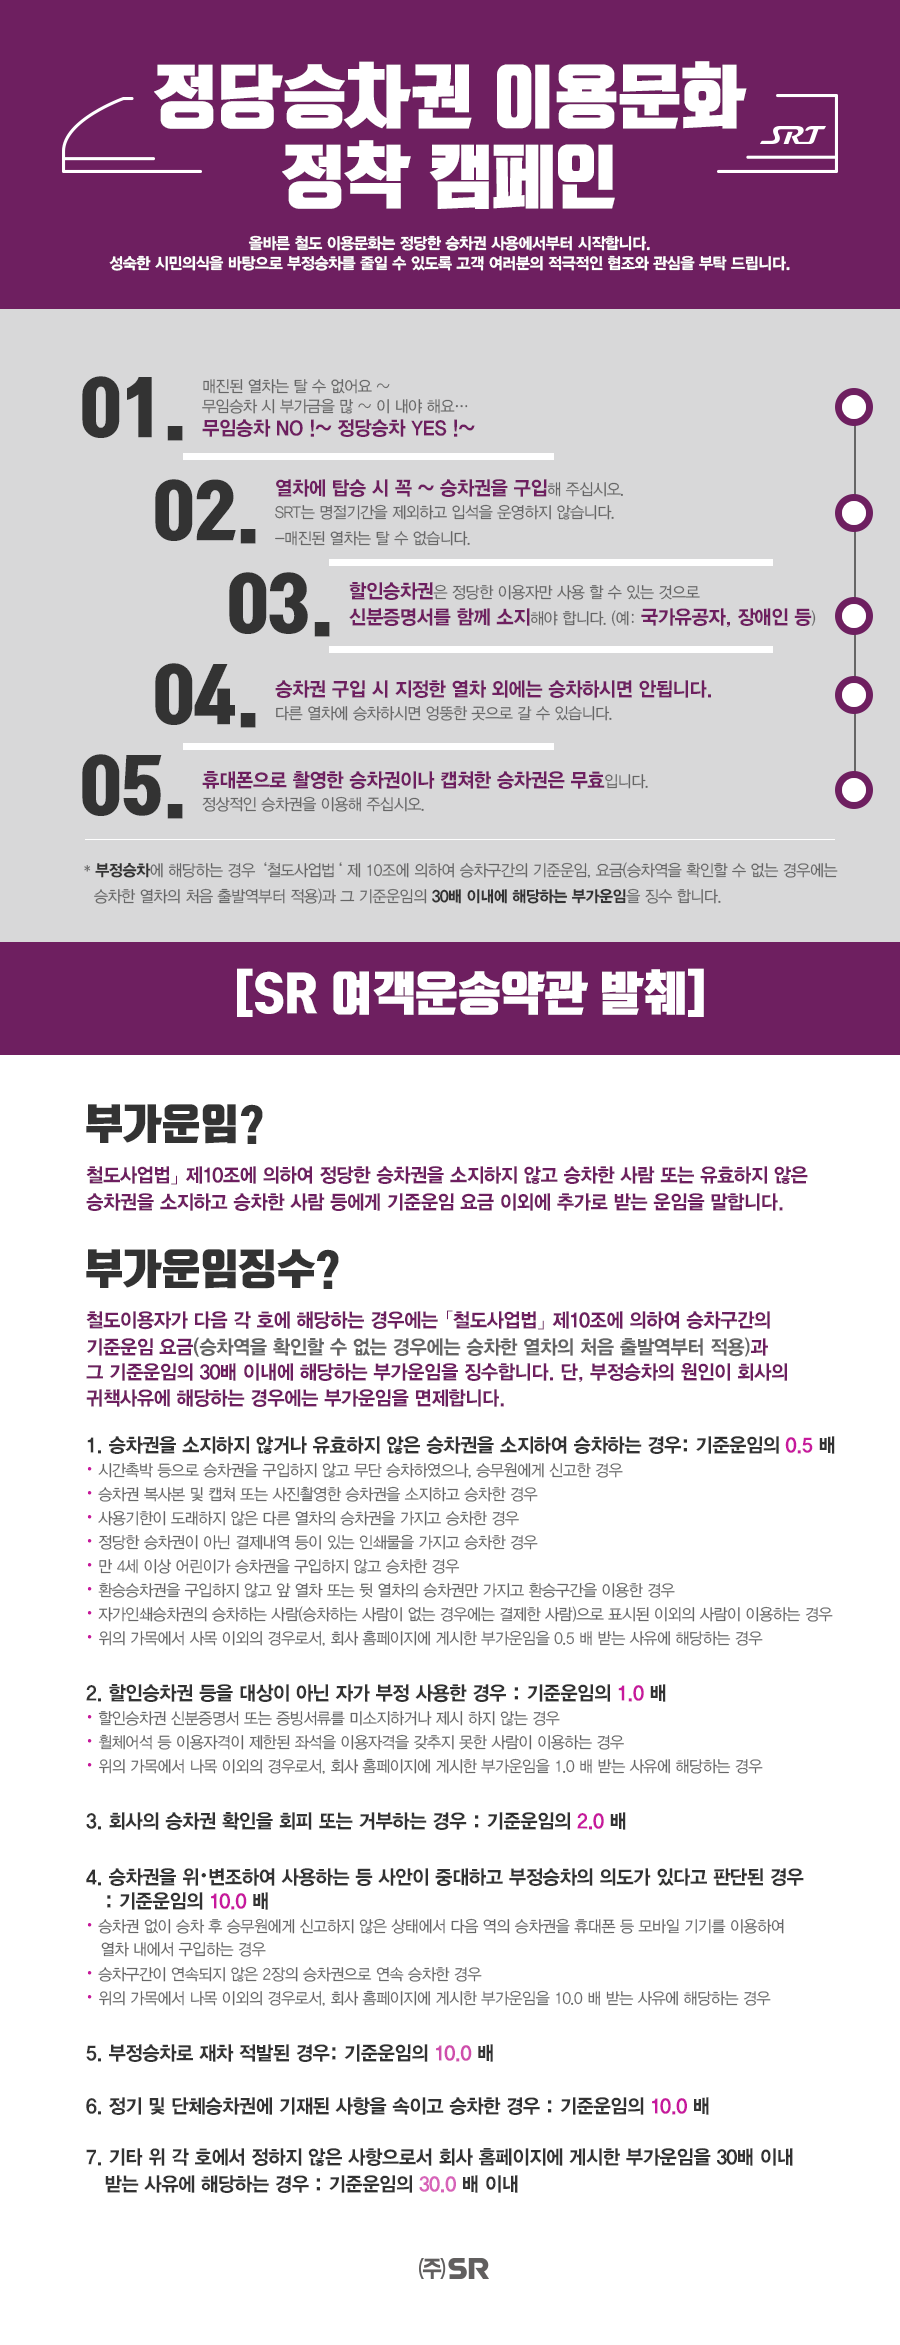 정당승차권 이용문화 정책캠페인